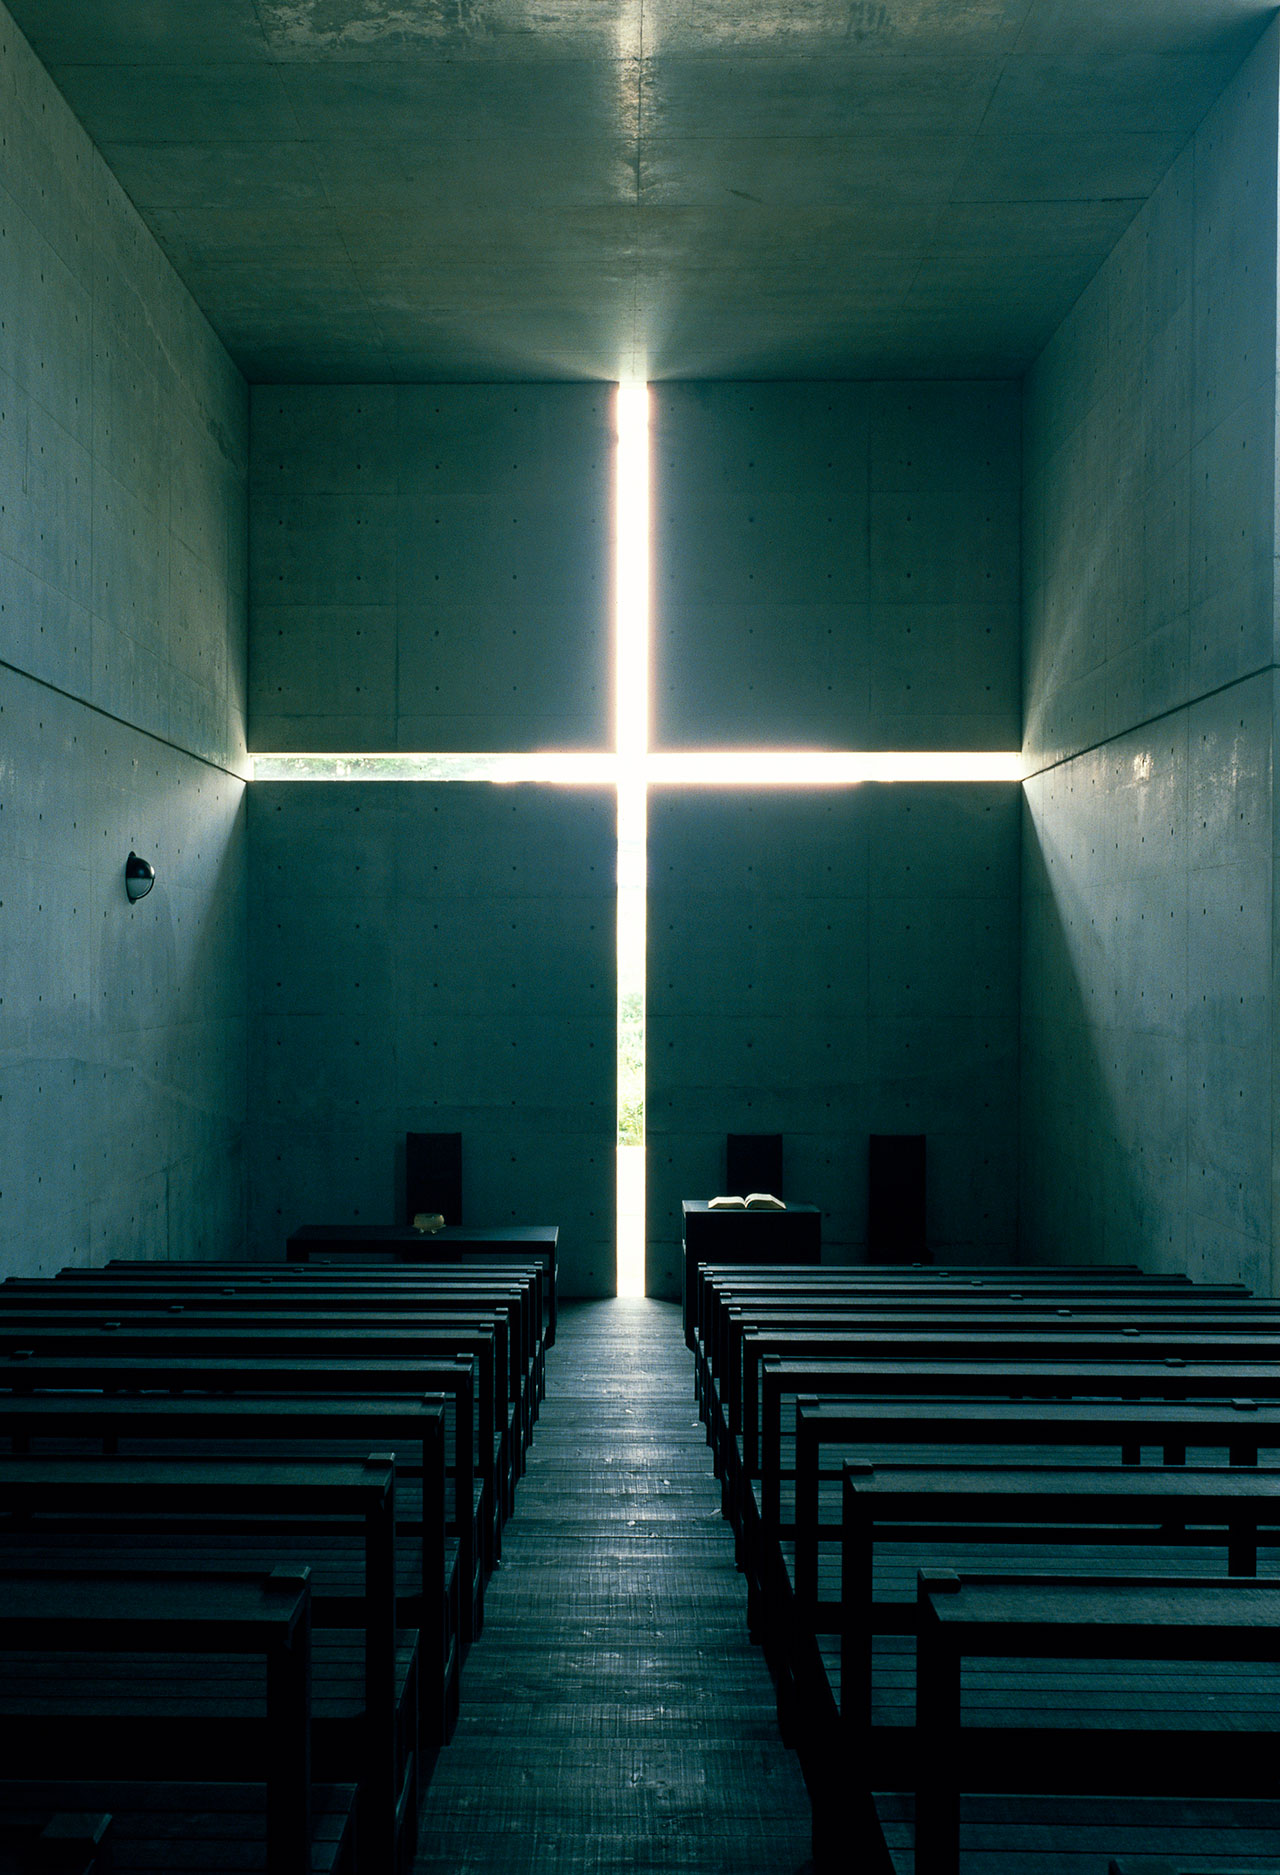 光の教会 (1989) 大阪府茨木市 撮影: 松岡満男 / Church of the Light (1989) Ibaraki, Osaka Photo: Mitsuo Matsuoka